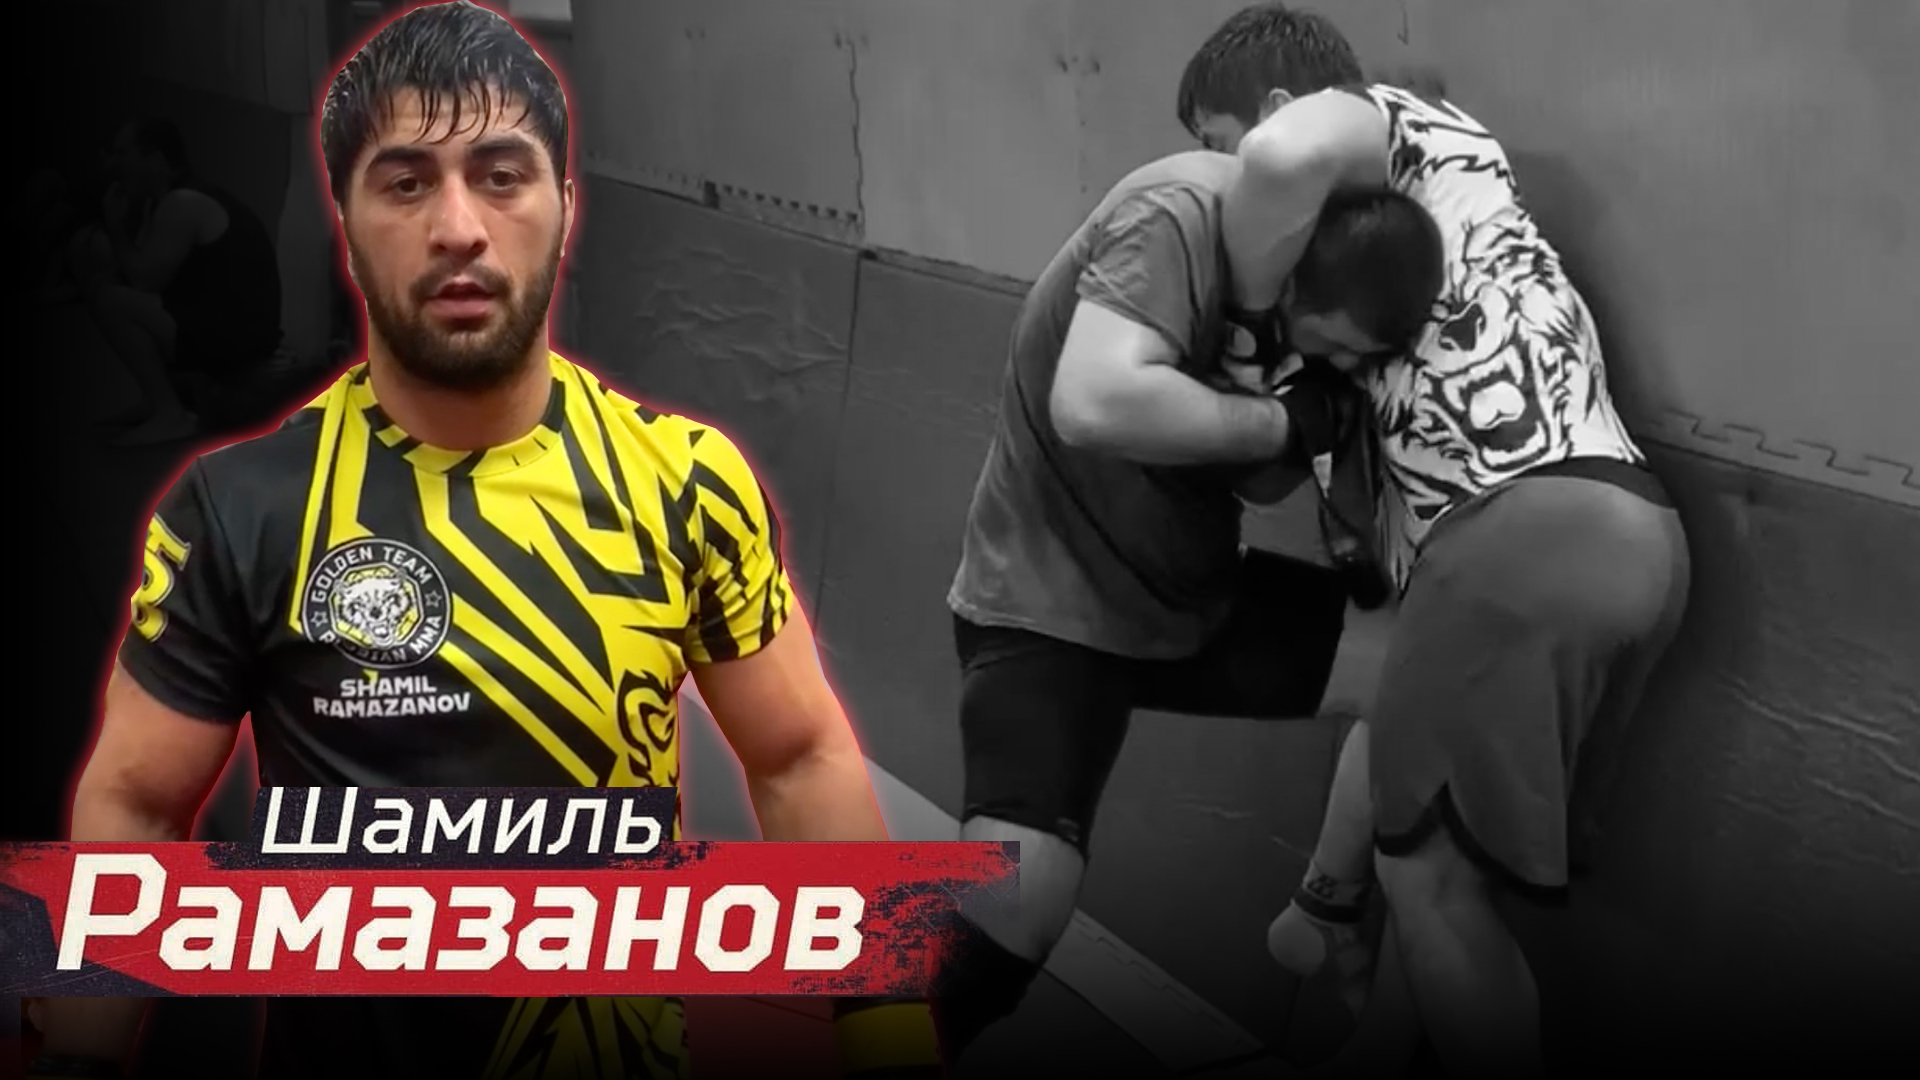 Shamil Ramazanov-Интервью с профессиональным бойцом-27.10